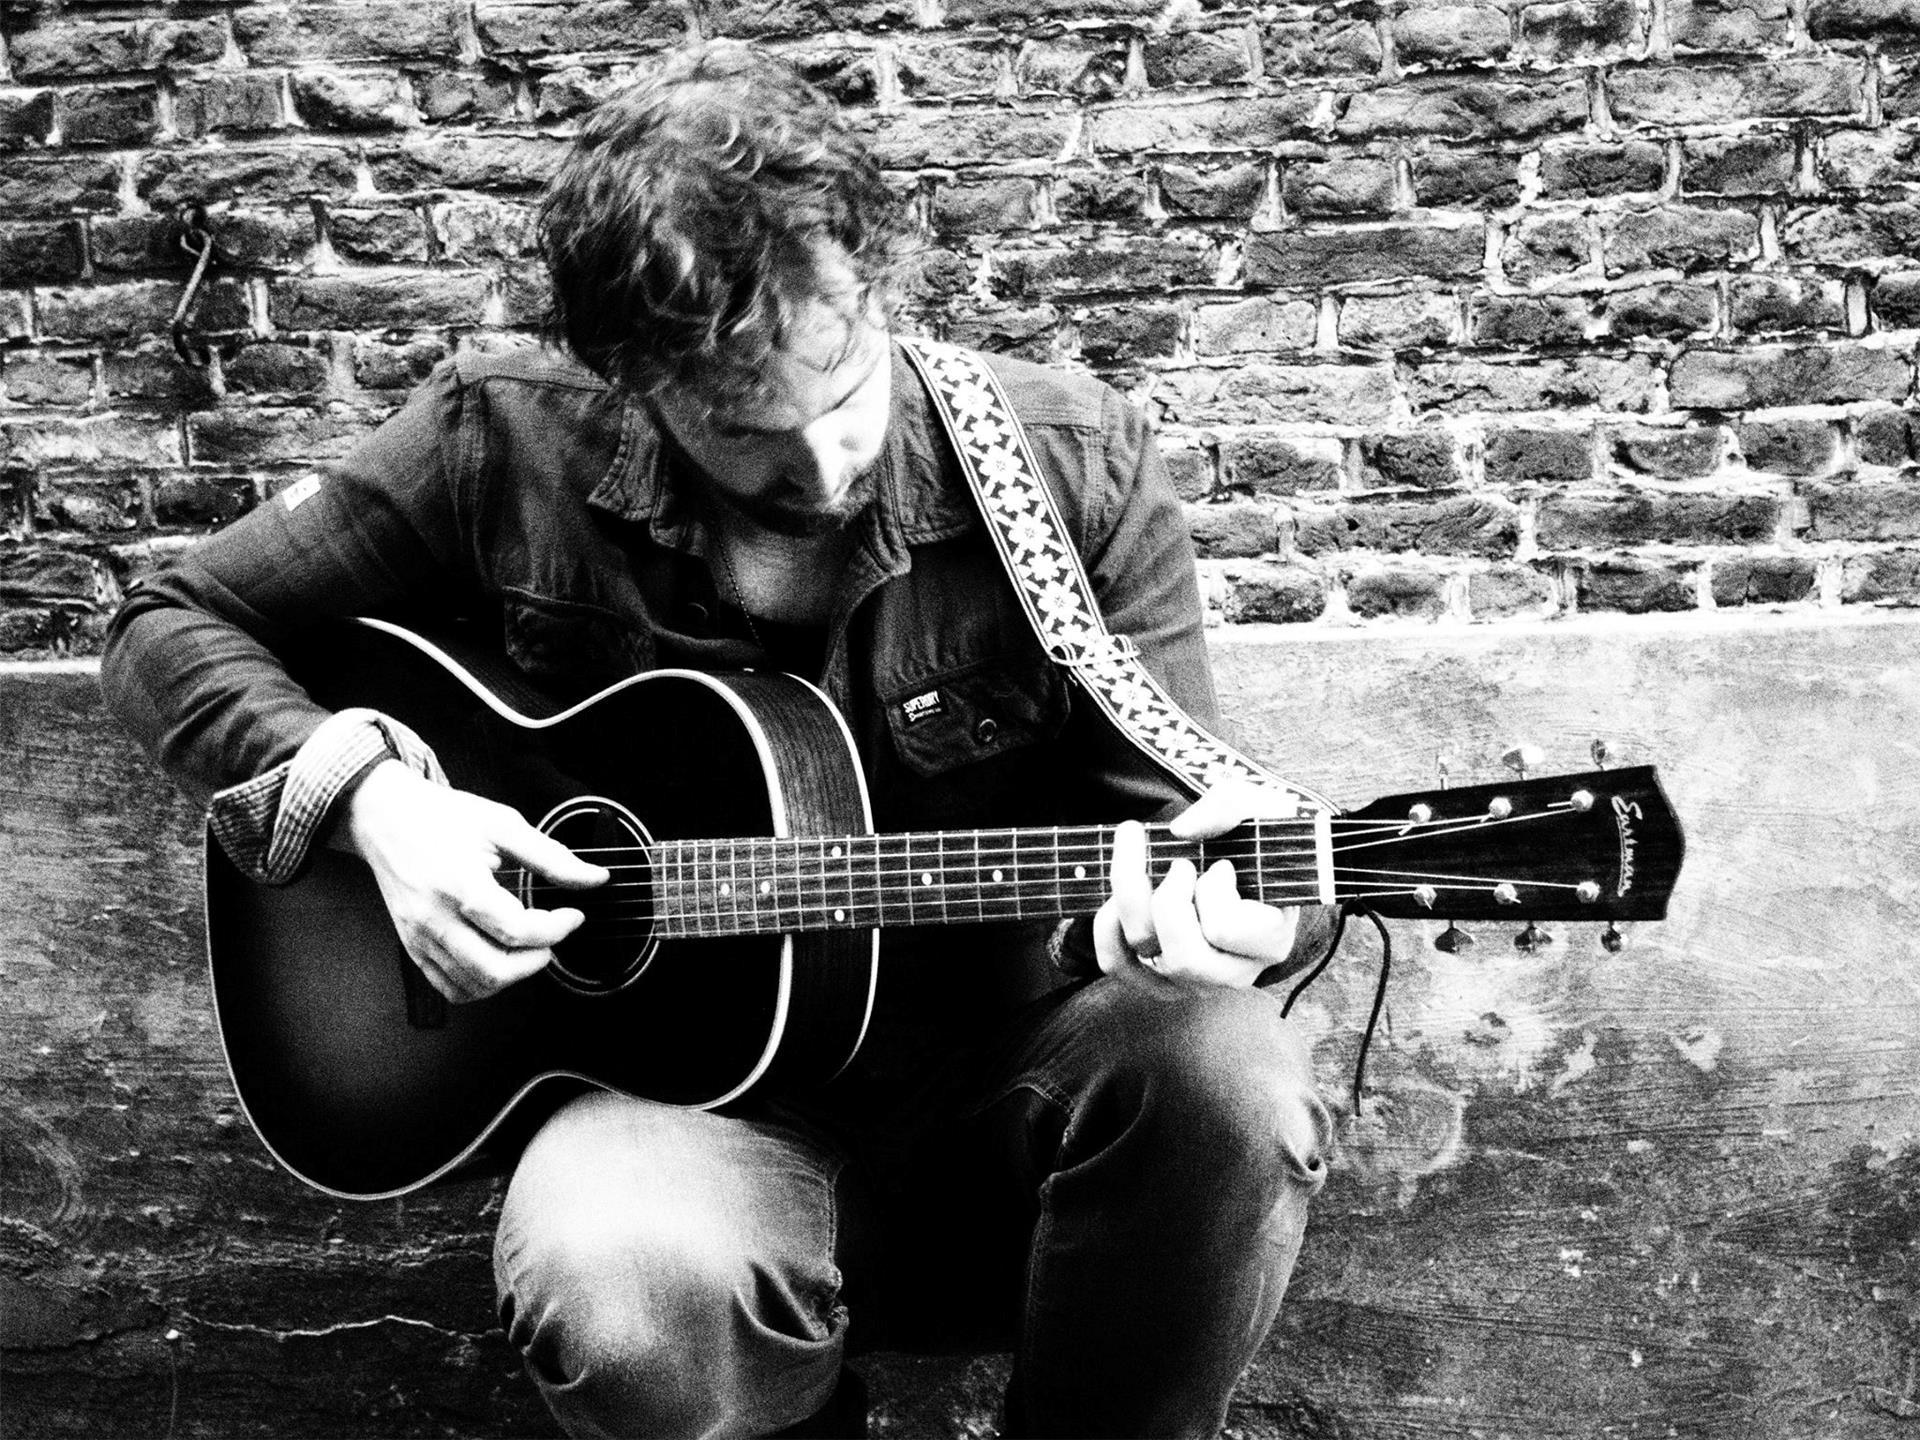 popei_singer_songwriter Tom Neven_woensel.jpg